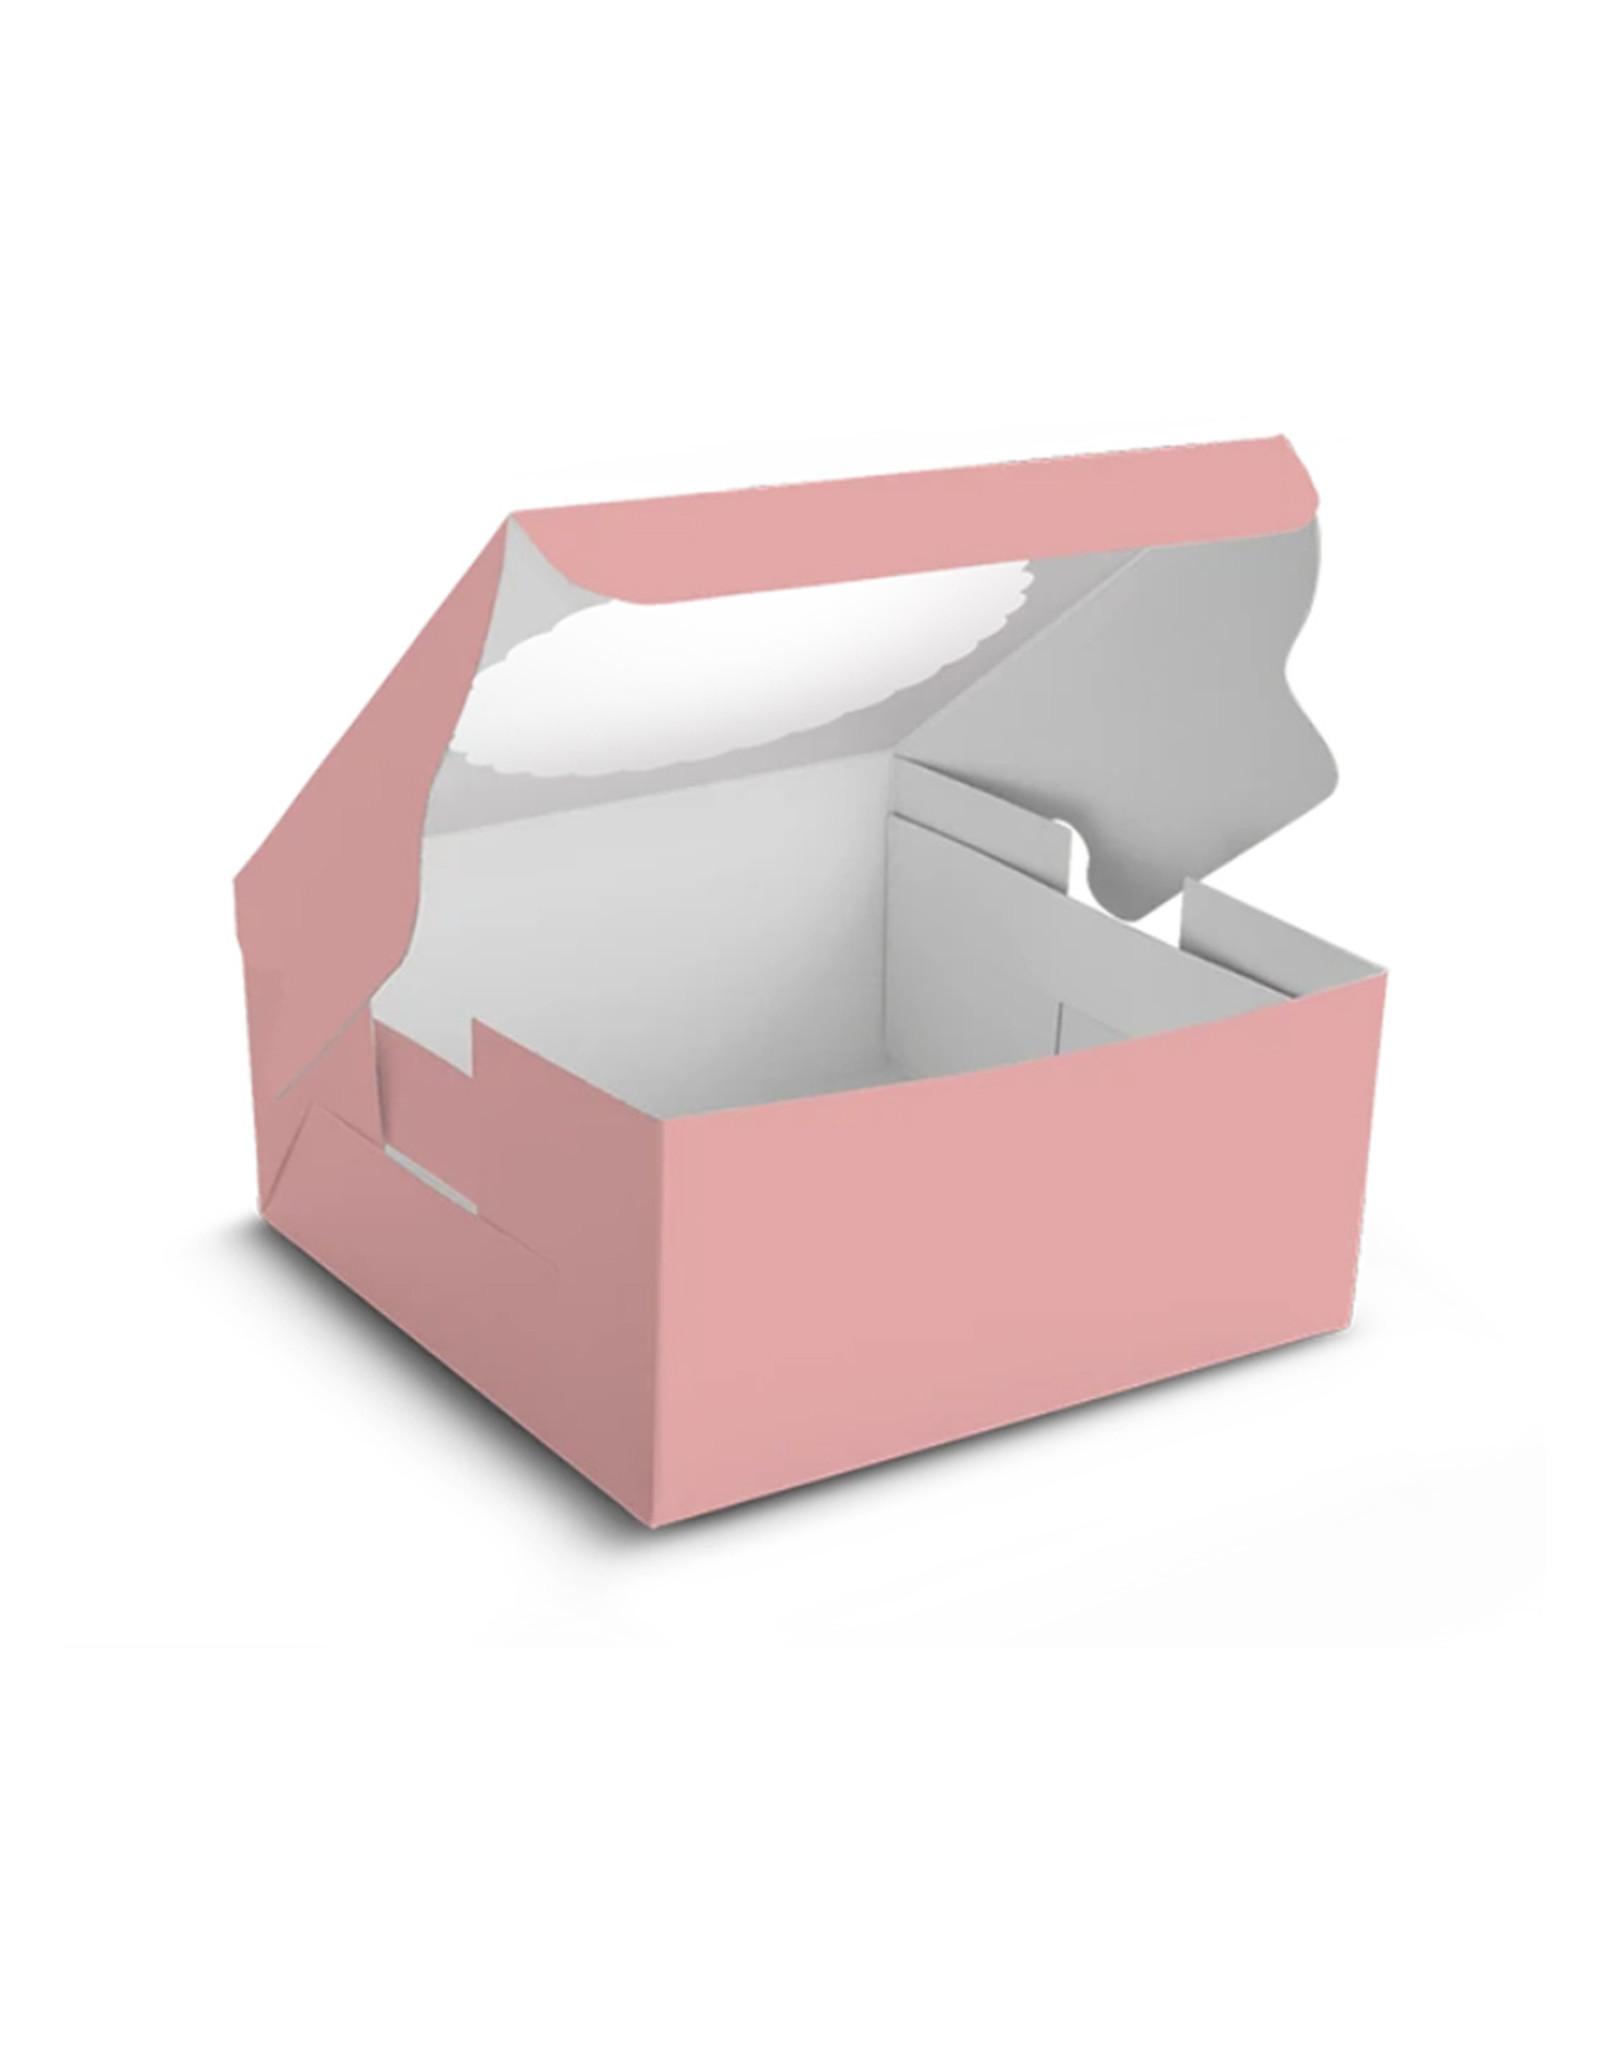 Roze taartdoos met venster - 203 x 203 x 127 mm (per 10 stuks)